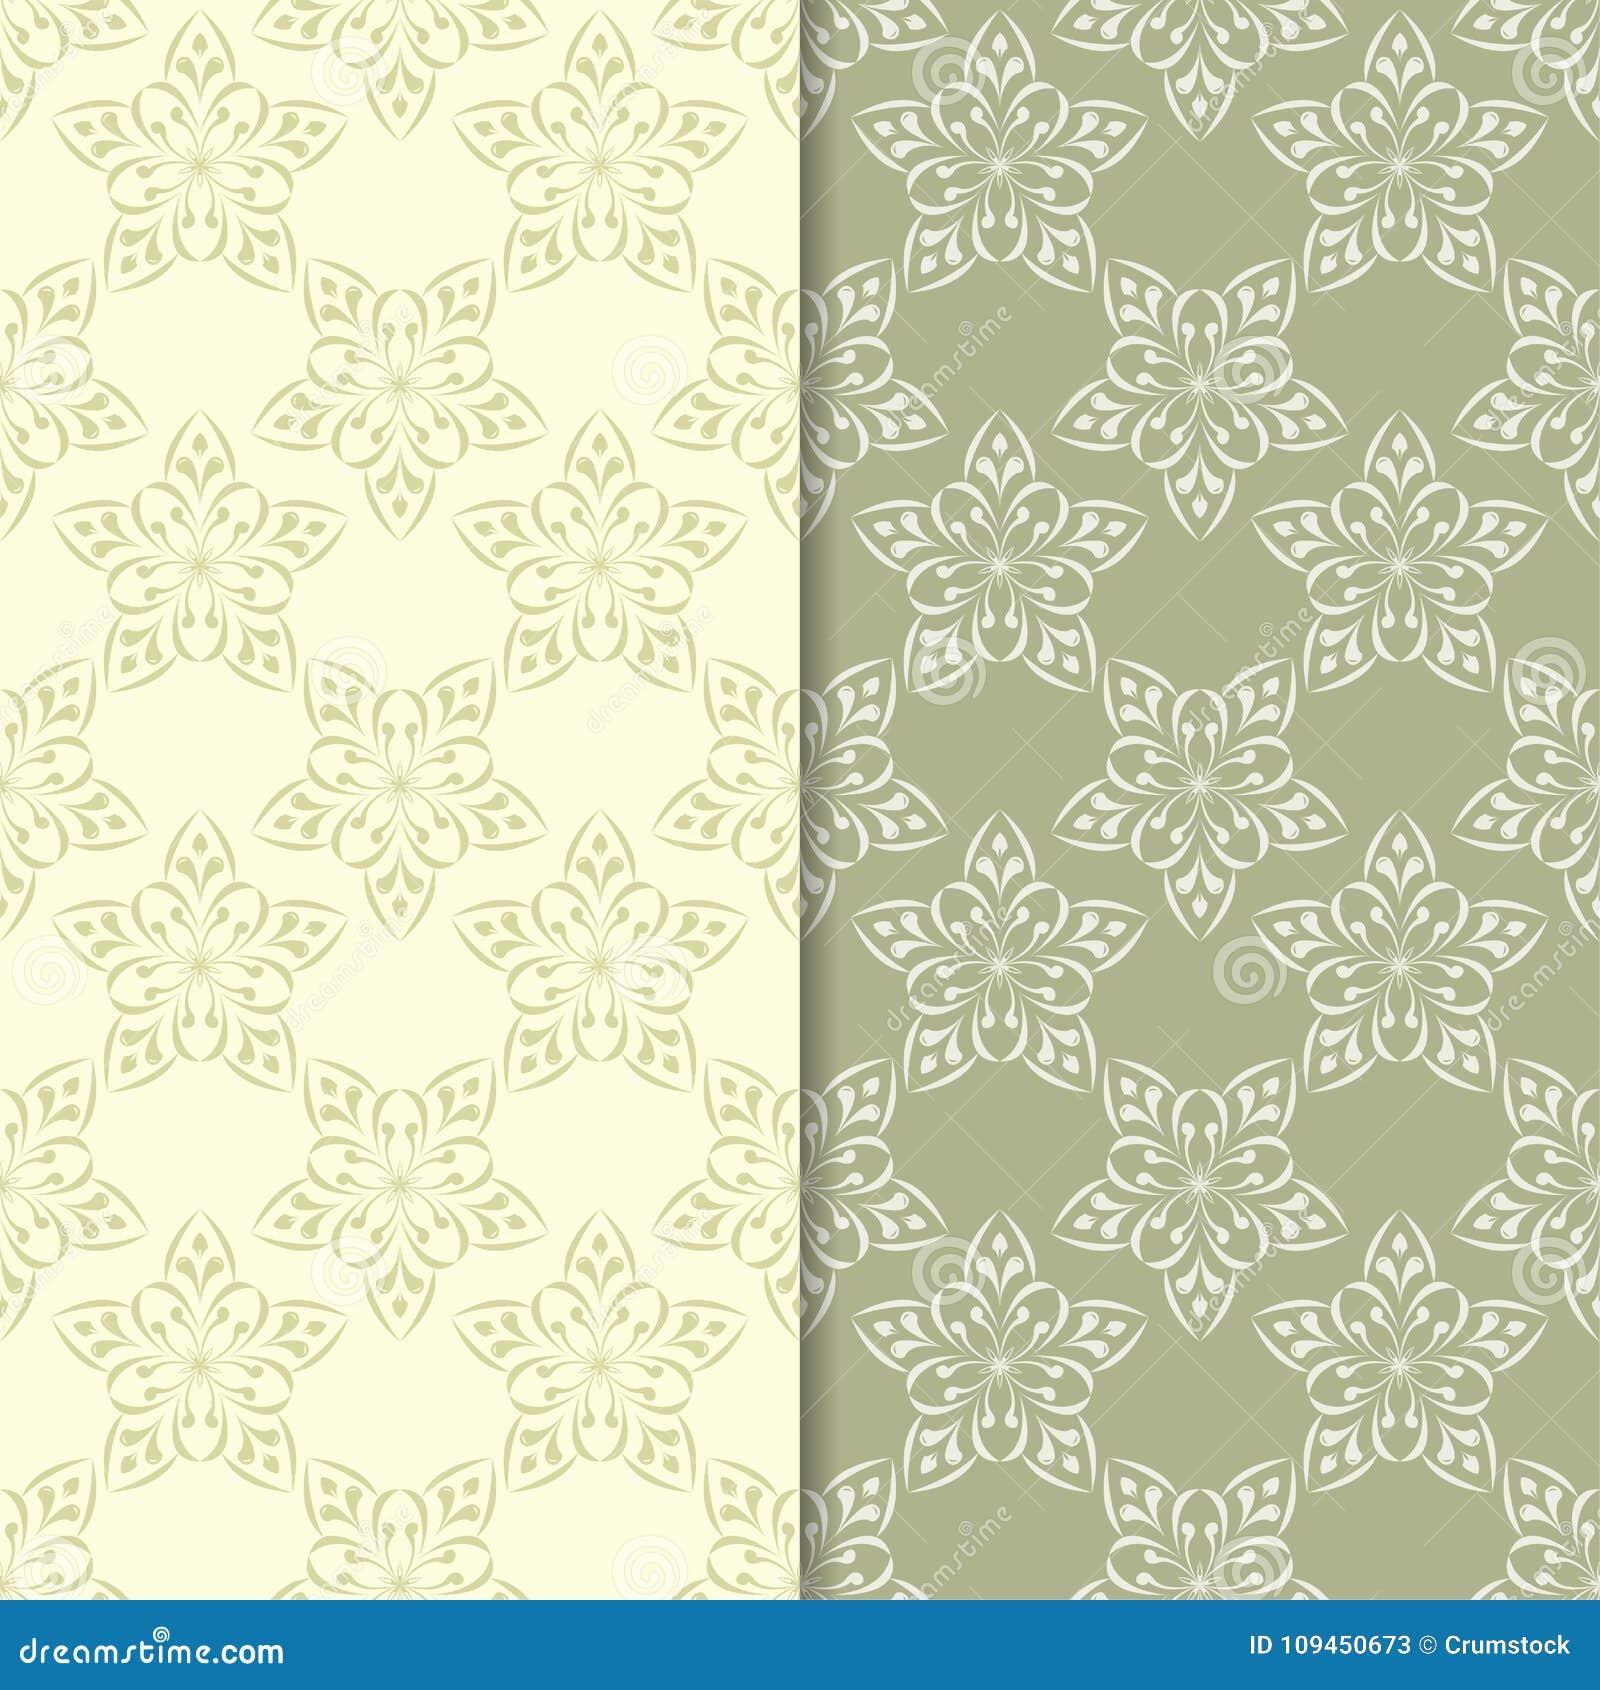 Предпосылки прованского зеленого цвета флористические делает по образцу безшовный комплект